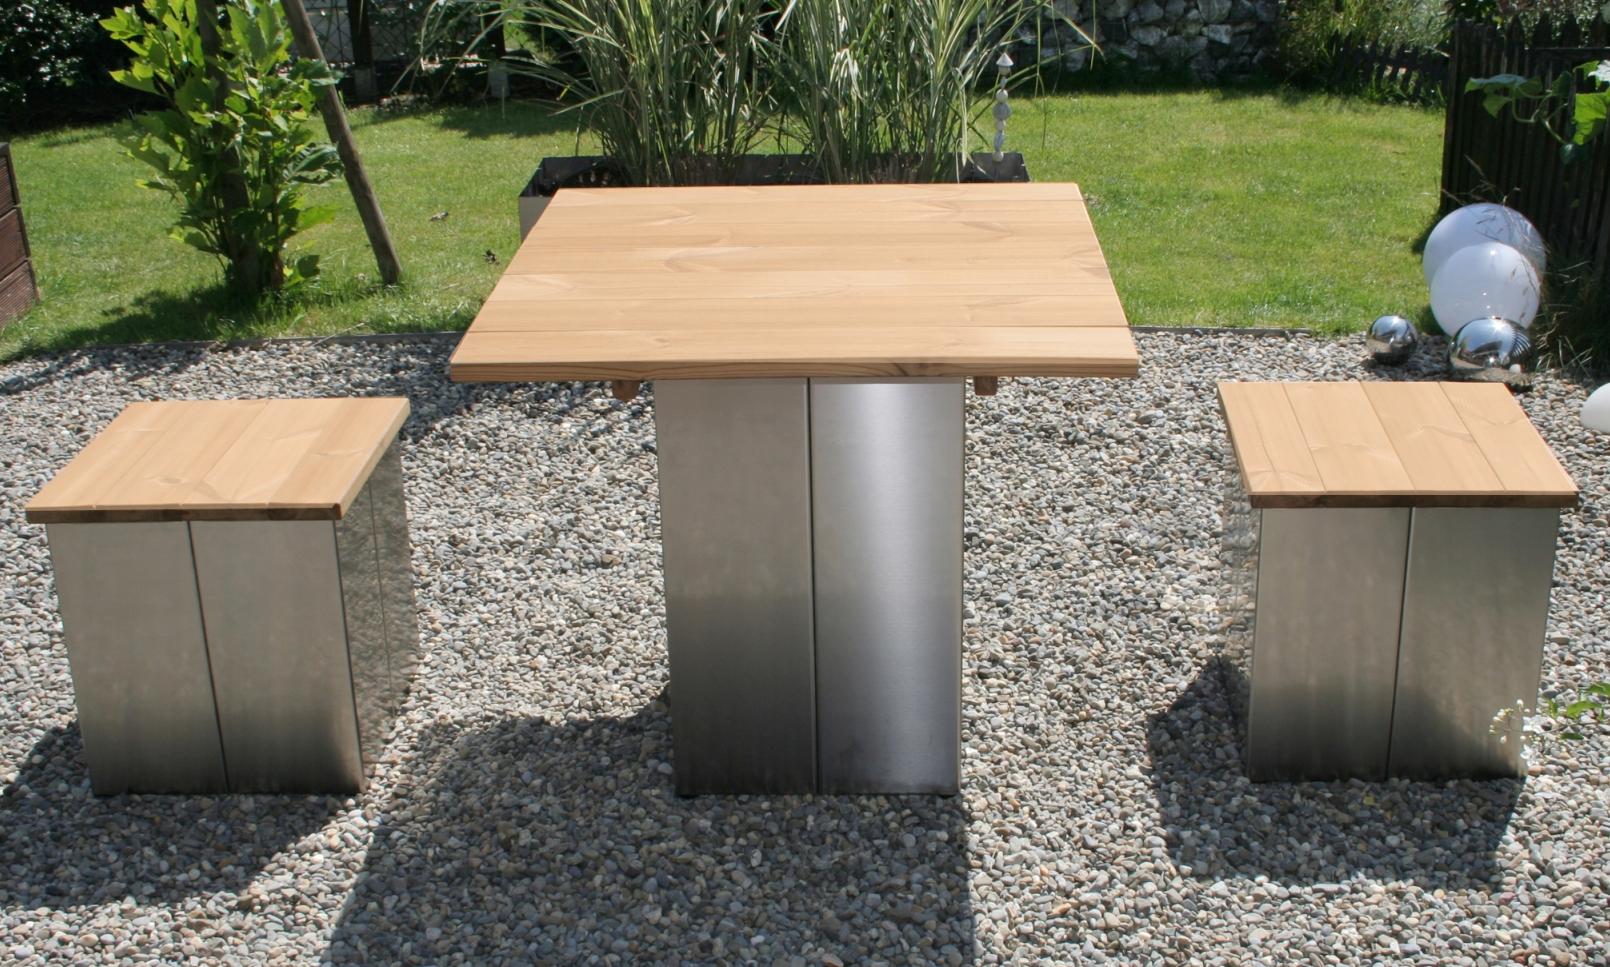 Free Gartentisch Aus Edelstahl Und Holz Modern Puristisch With Tisch Garten